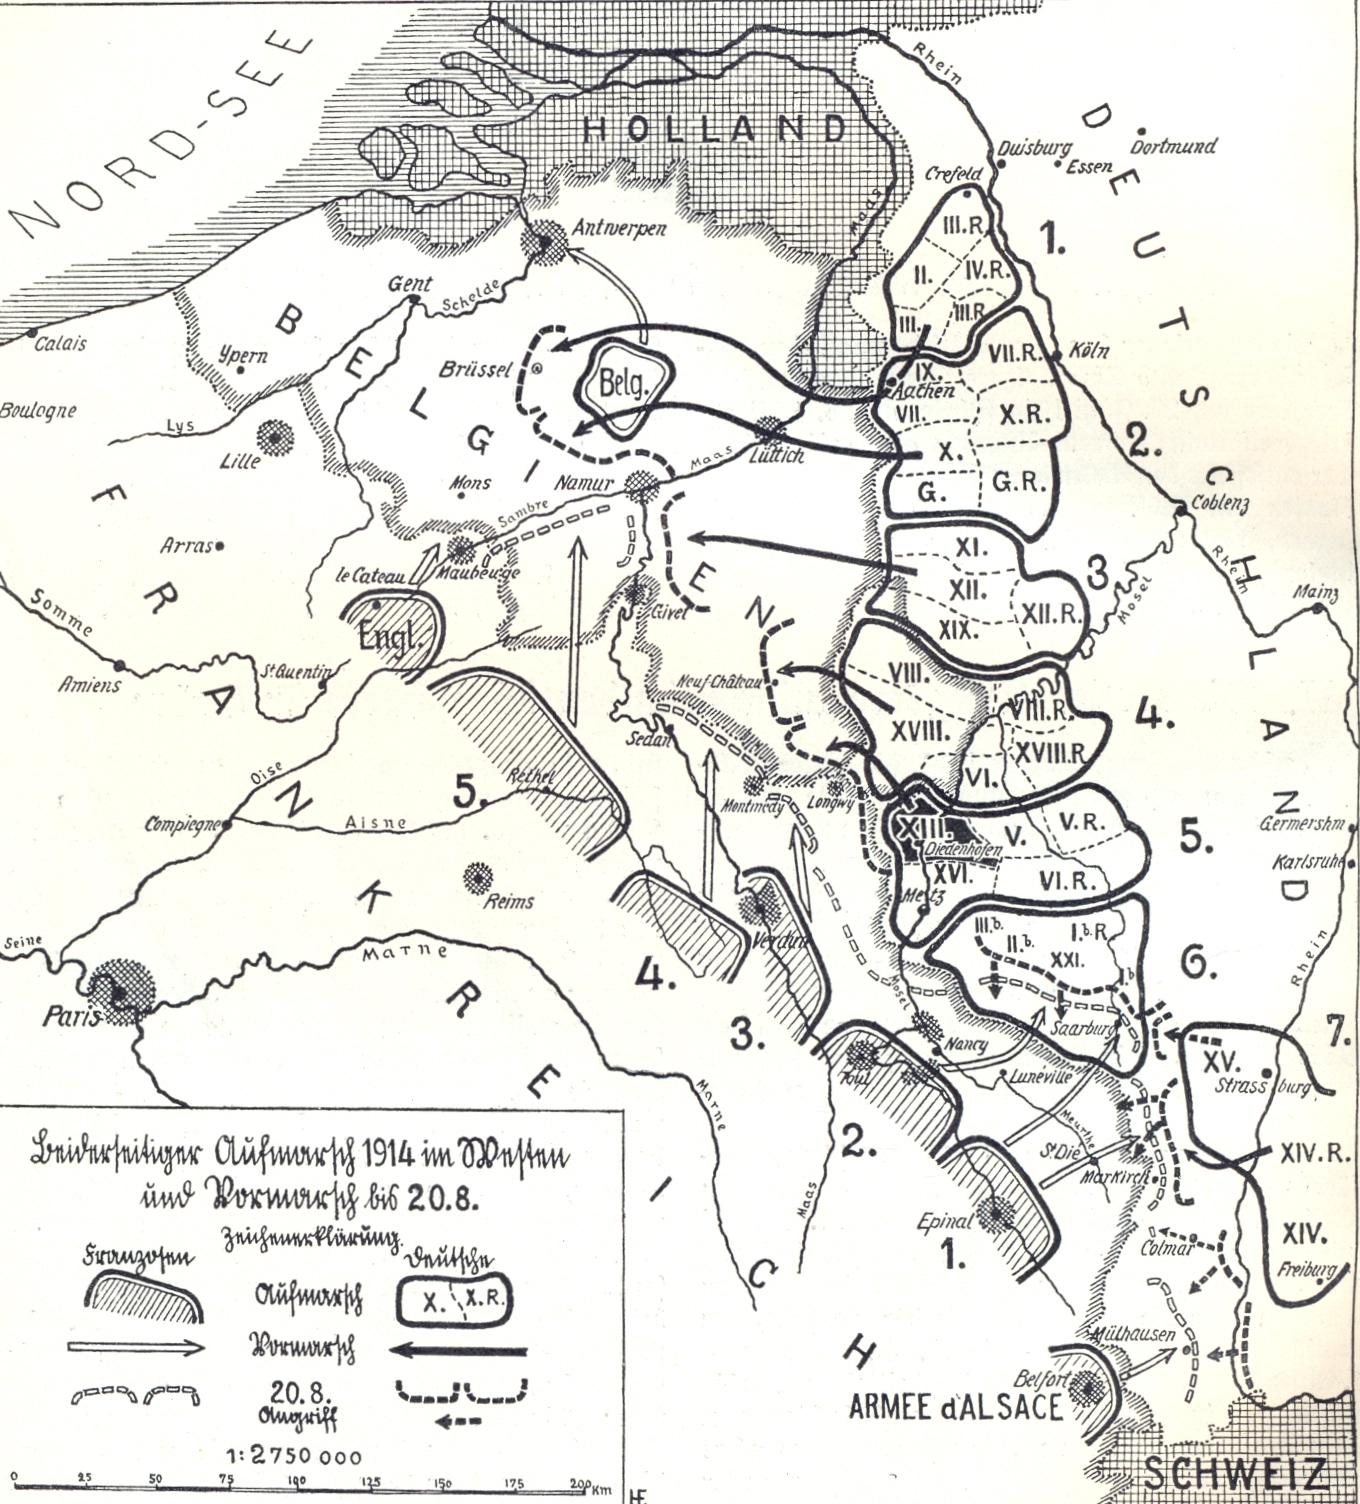 Aufmarsch_im_Westen_1914.jpg